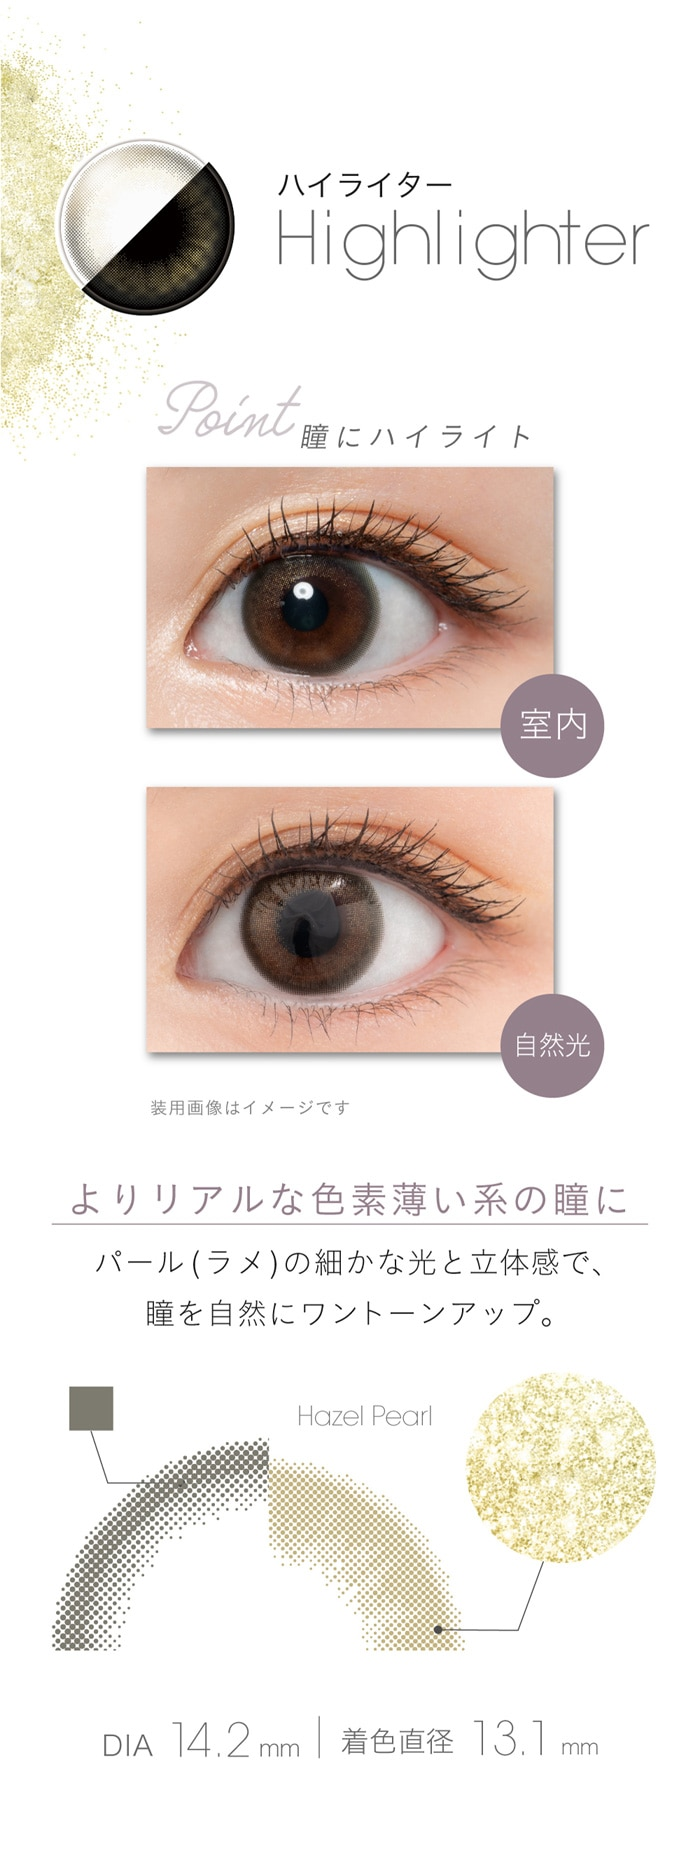 フェアリーワンデーシマーリング(10枚入):ハイライター、よりリアルな色素薄い系の瞳に